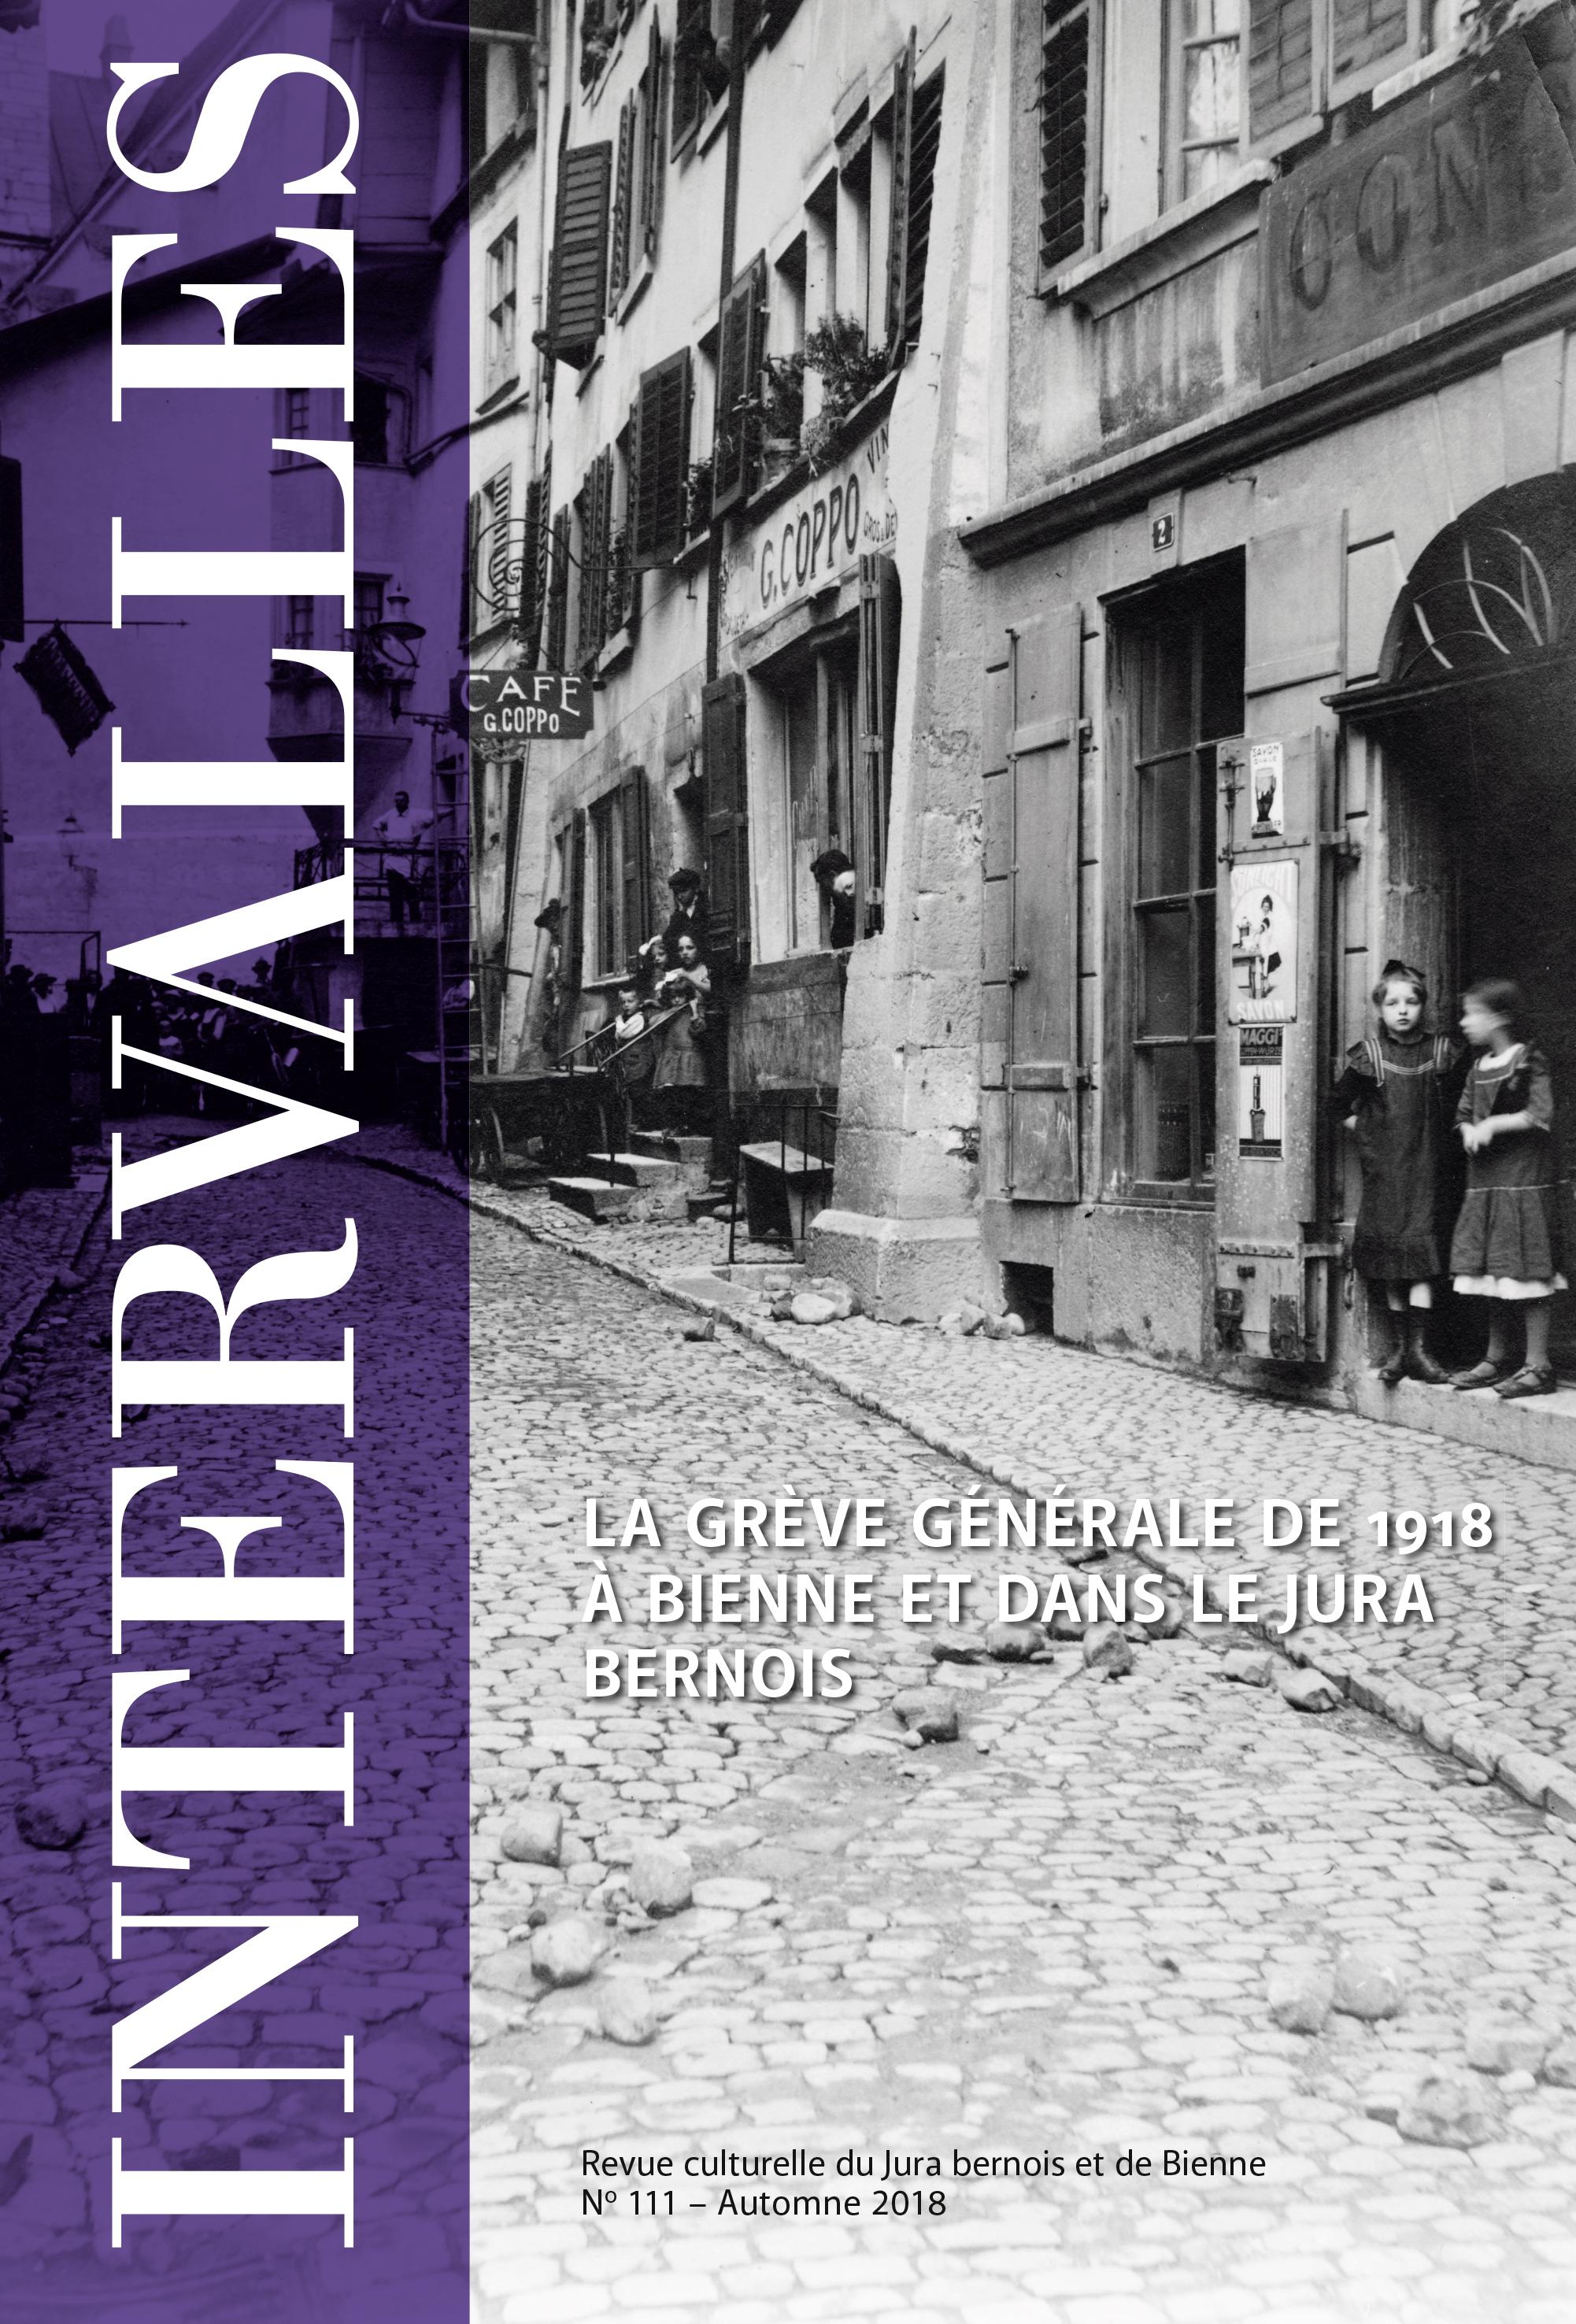 No 111 – La Grève générale de 1918 à Bienne et dans le Jura bernois